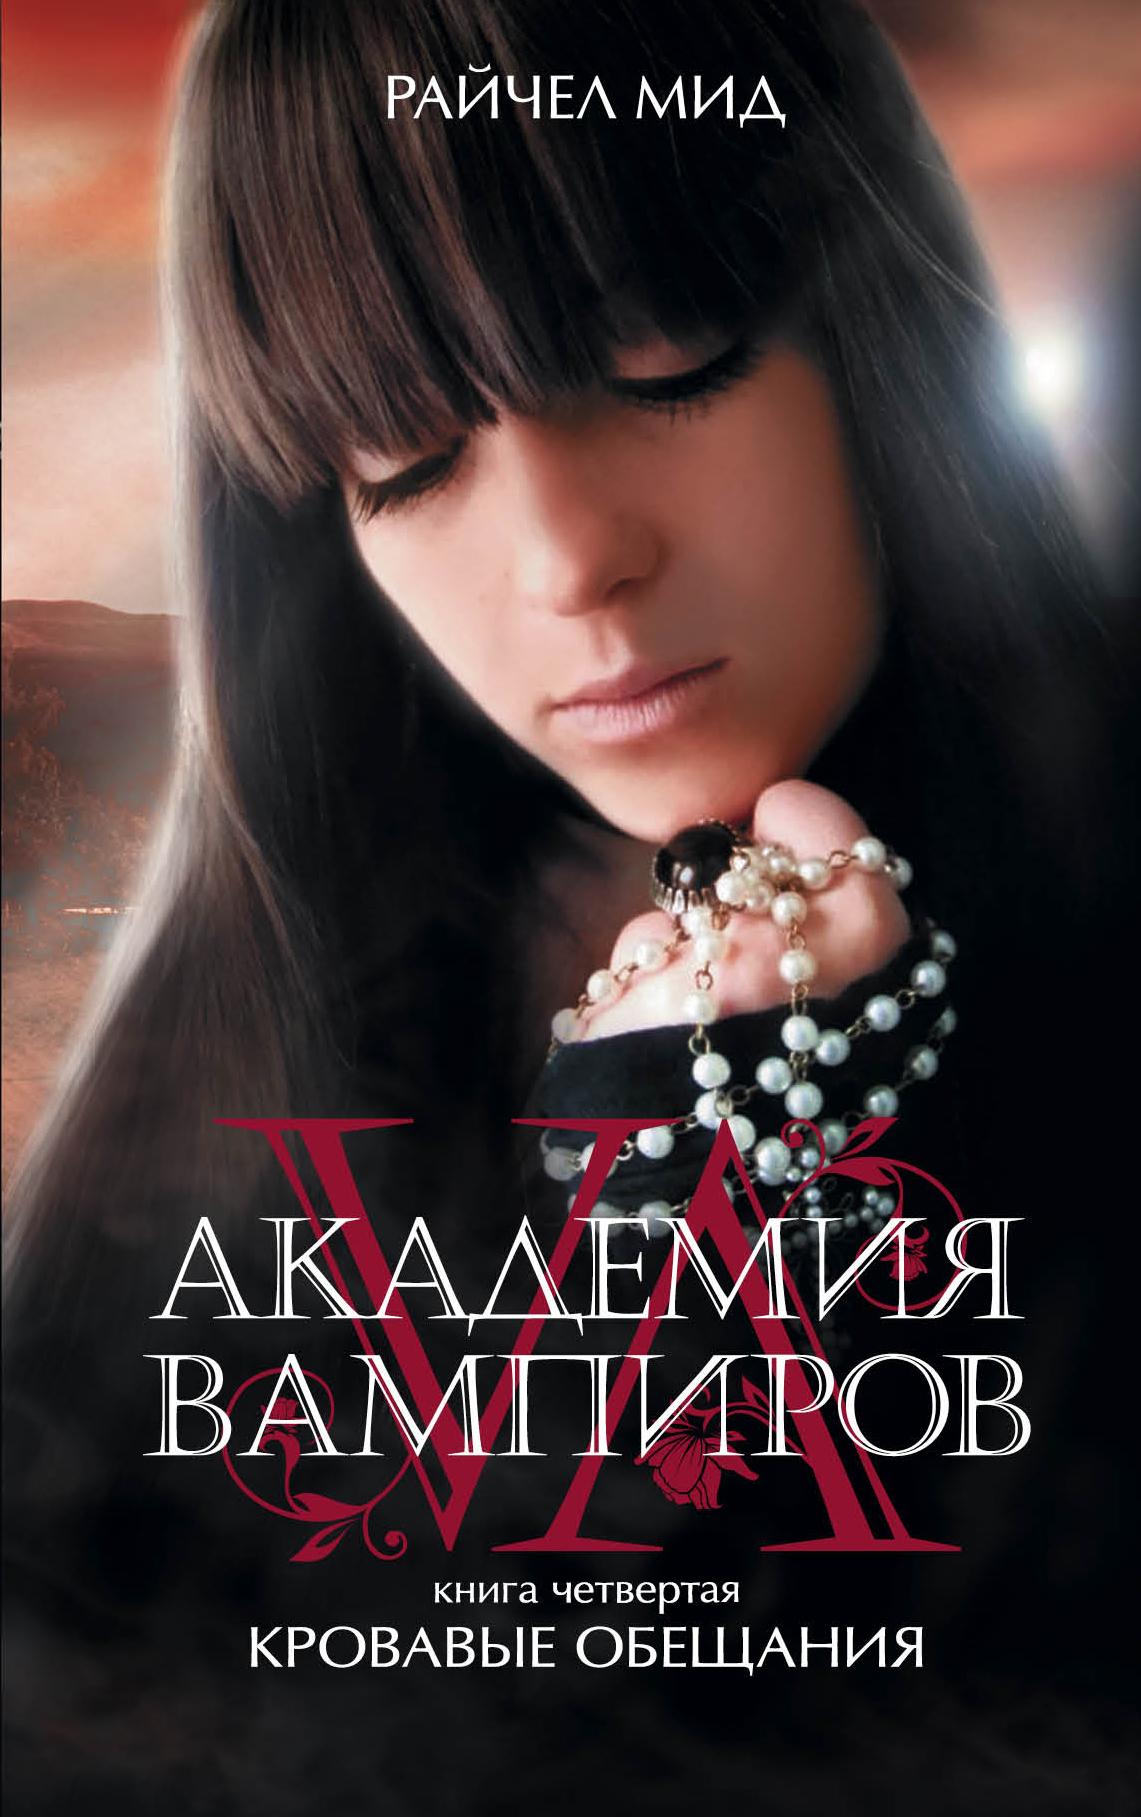 Купить Академия вампиров. Книга 4. Кровавые обещания, Райчел Мид, 978-5-699-40987-7